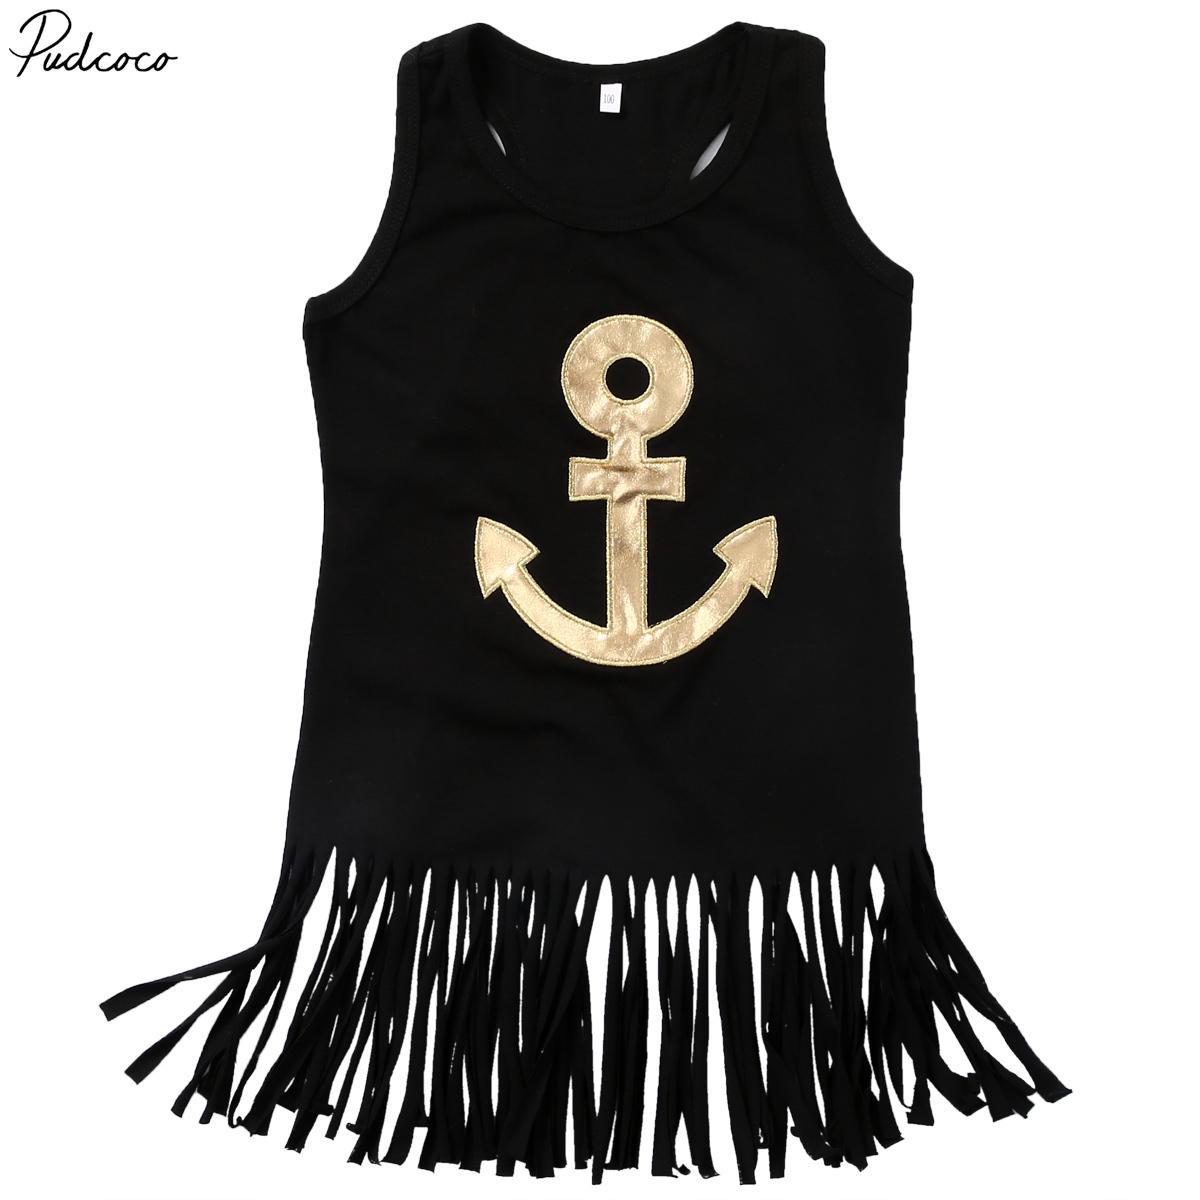 Pudcoco Casual Kid neonate Summer Gold Anchor stampati senza maniche Vest abiti + fascia 1-6years